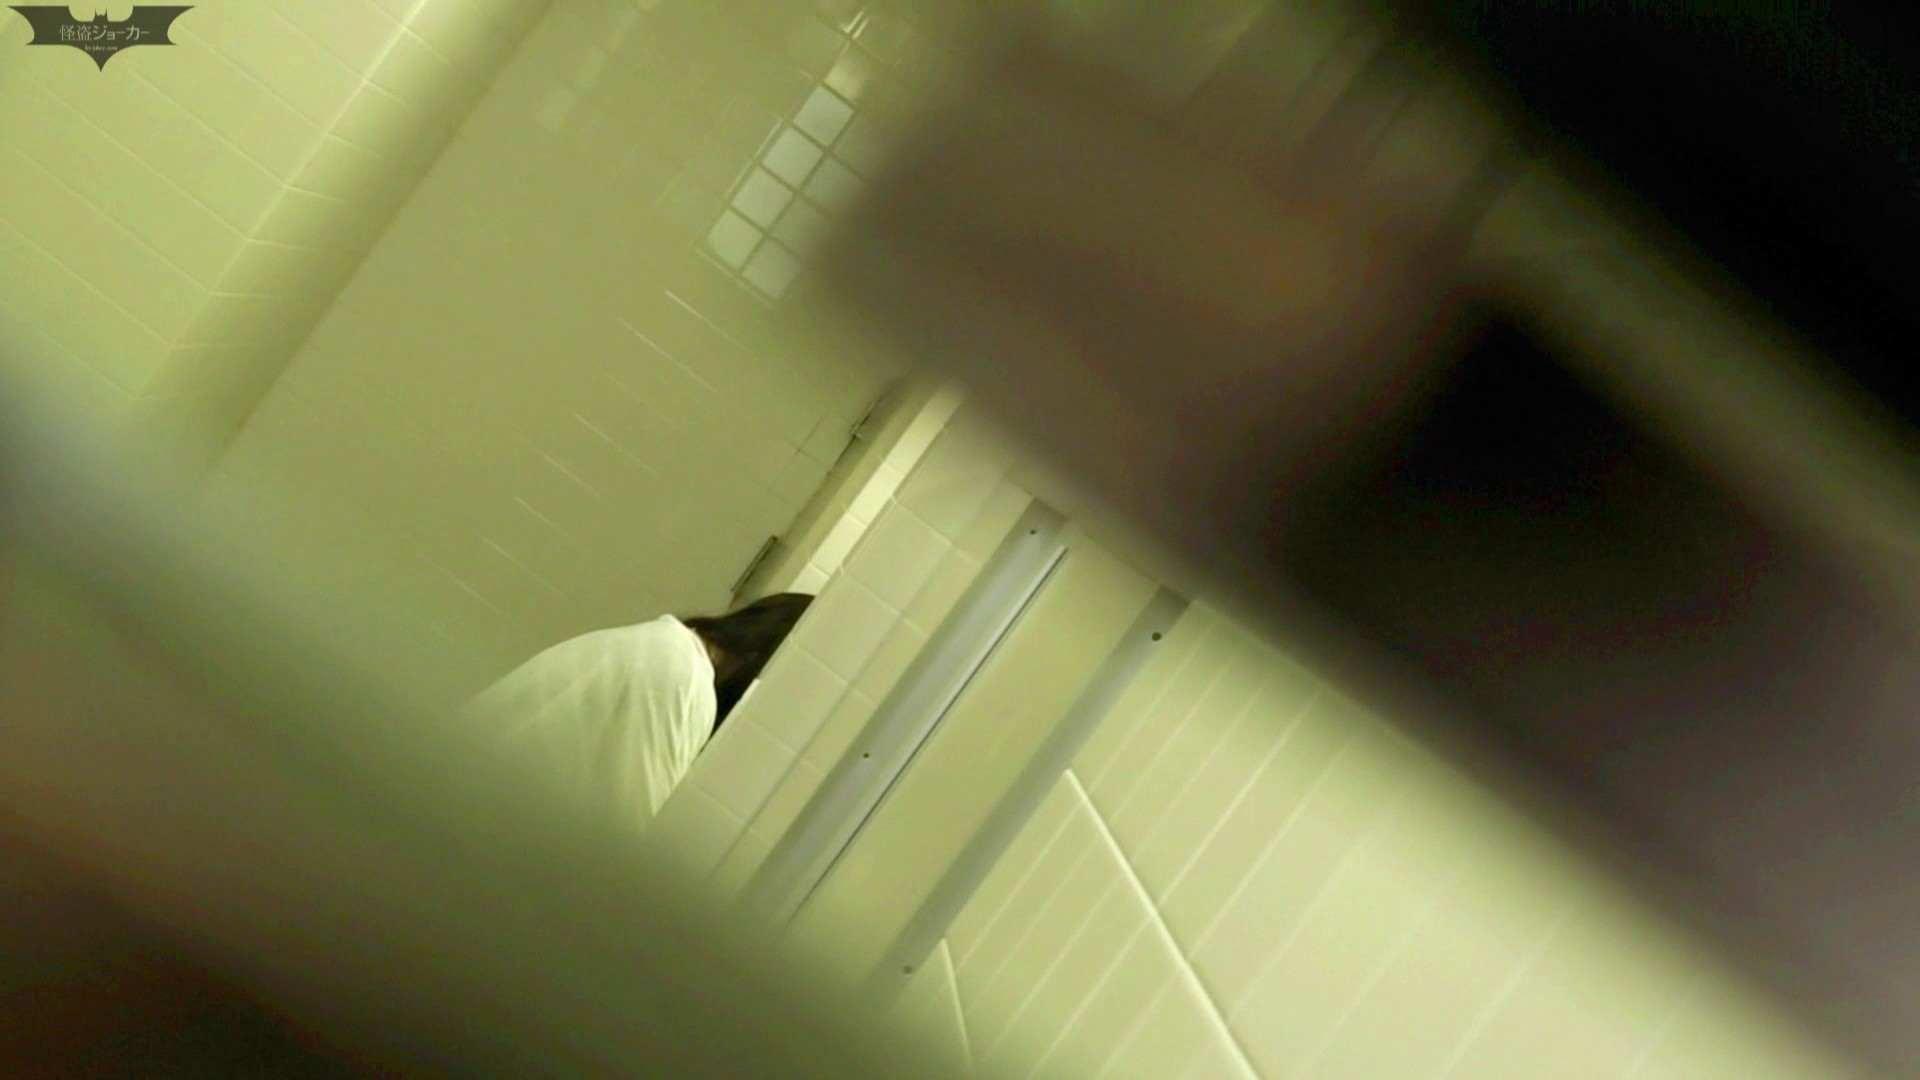 お銀 vol.68 無謀に通路に飛び出て一番明るいフロント撮り実現、見所満載 OL | 美人コレクション  57連発 36